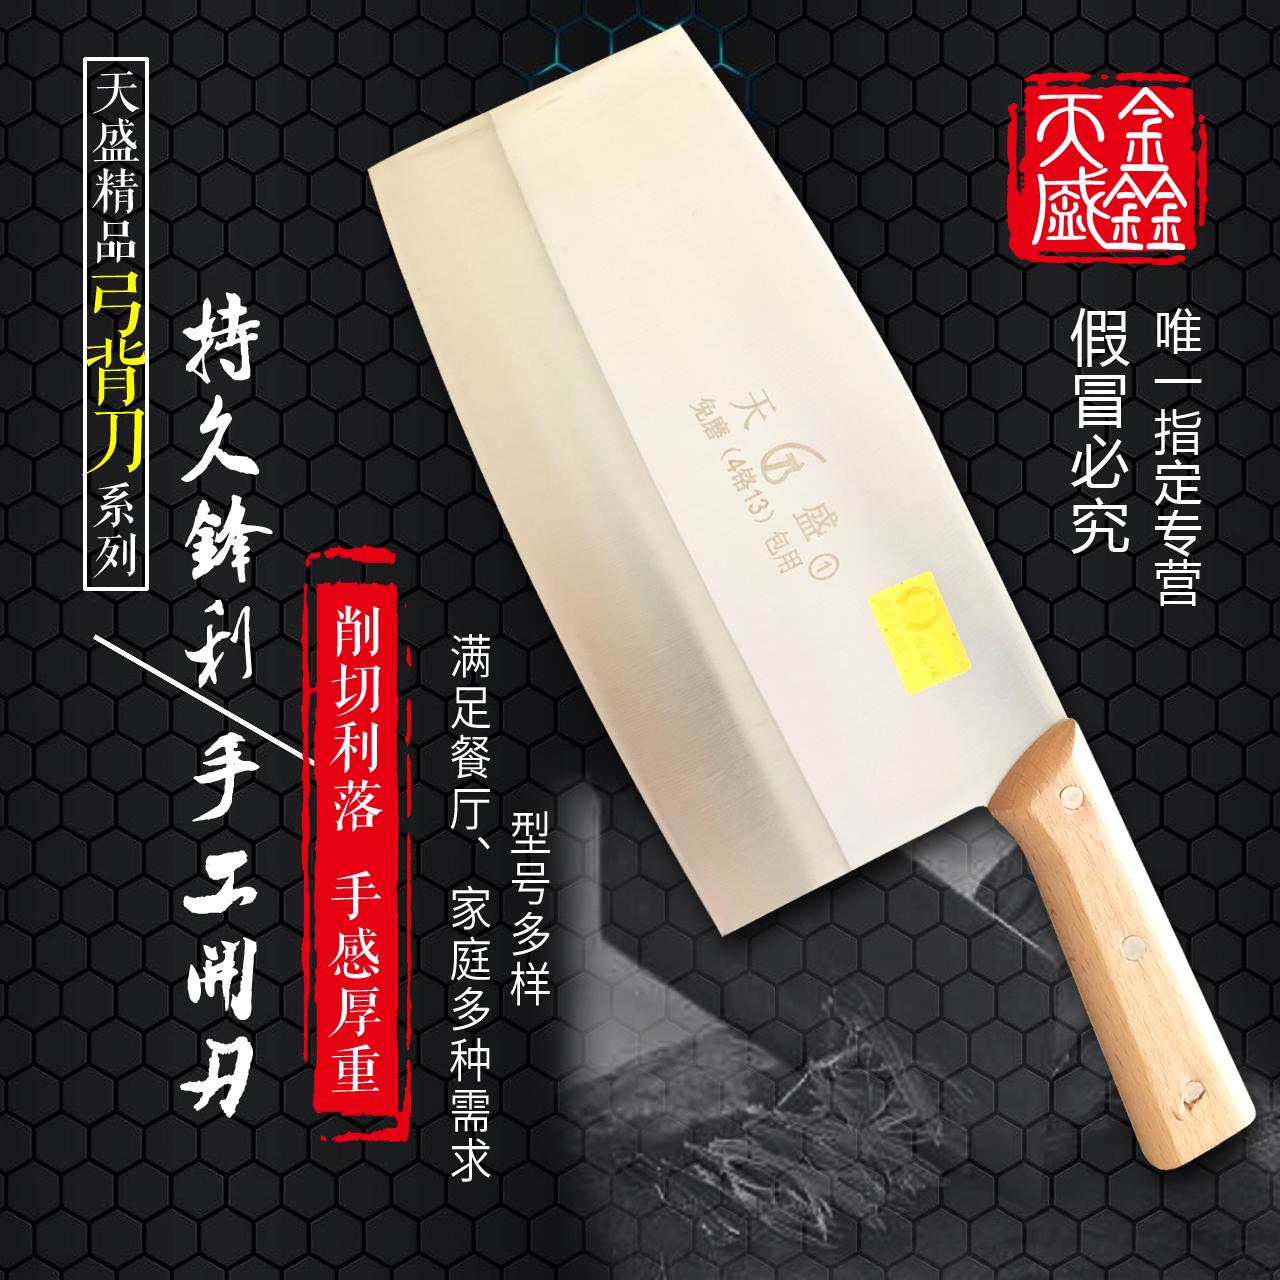 高密天盛包丁シェフ厨房、ドイツから輸入したステンレスの鋭利な研削免除スライス弓背ナイフです。